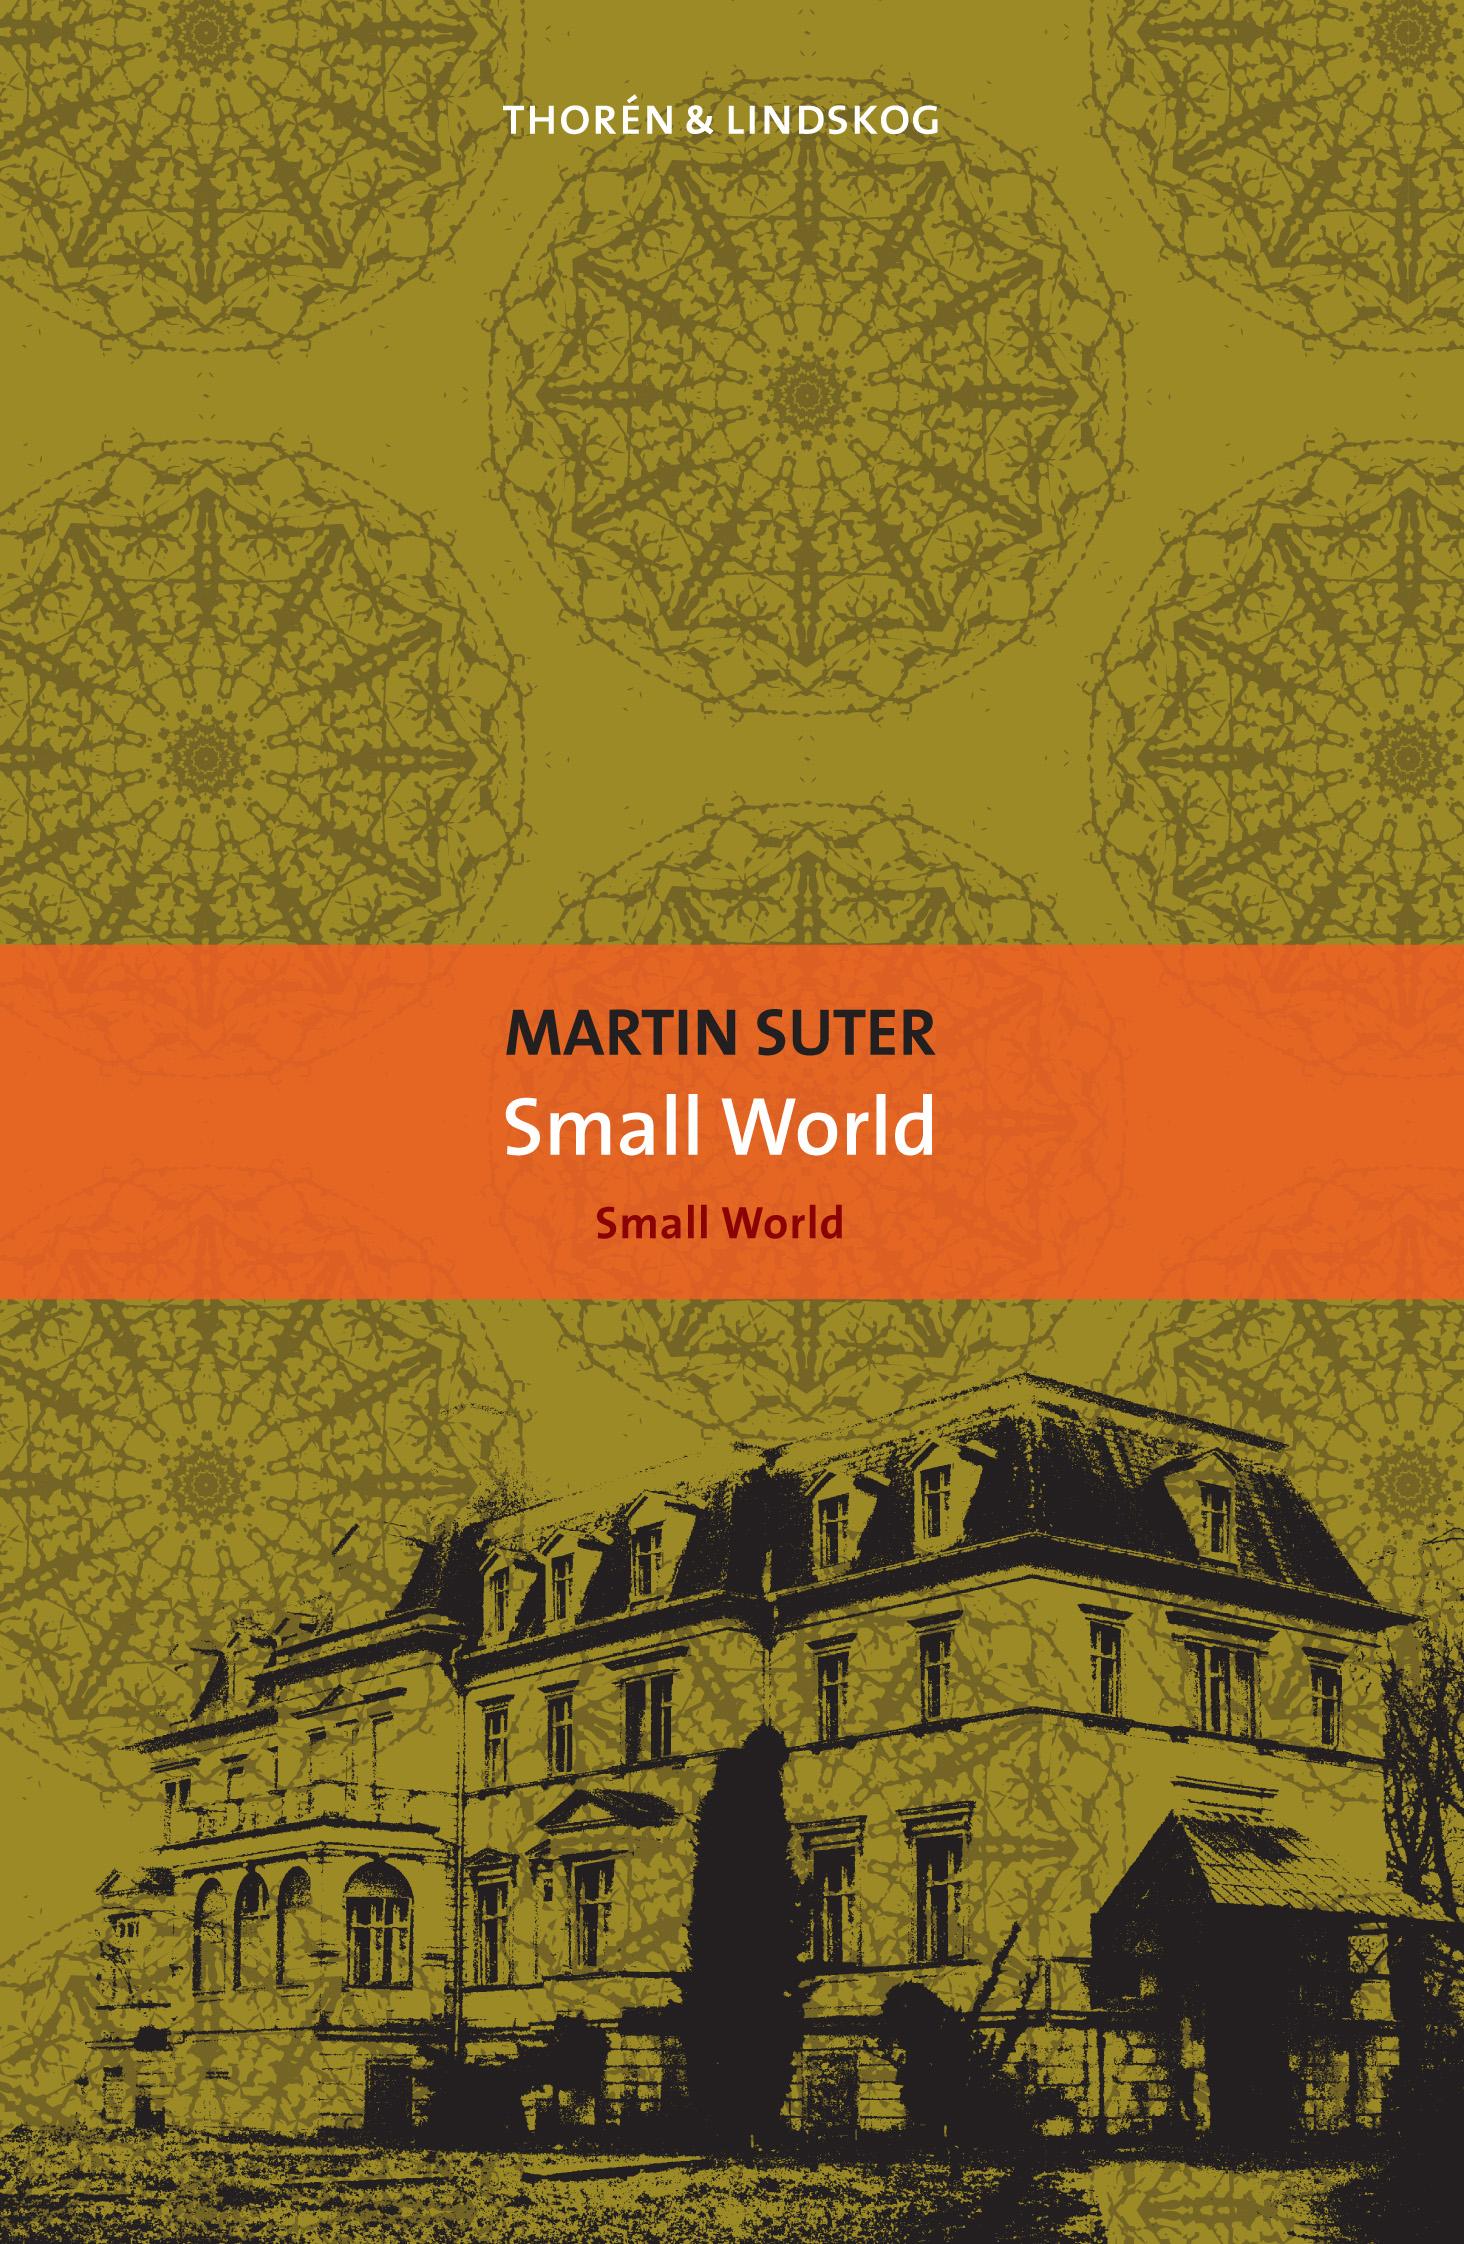 Martin Suter Small World